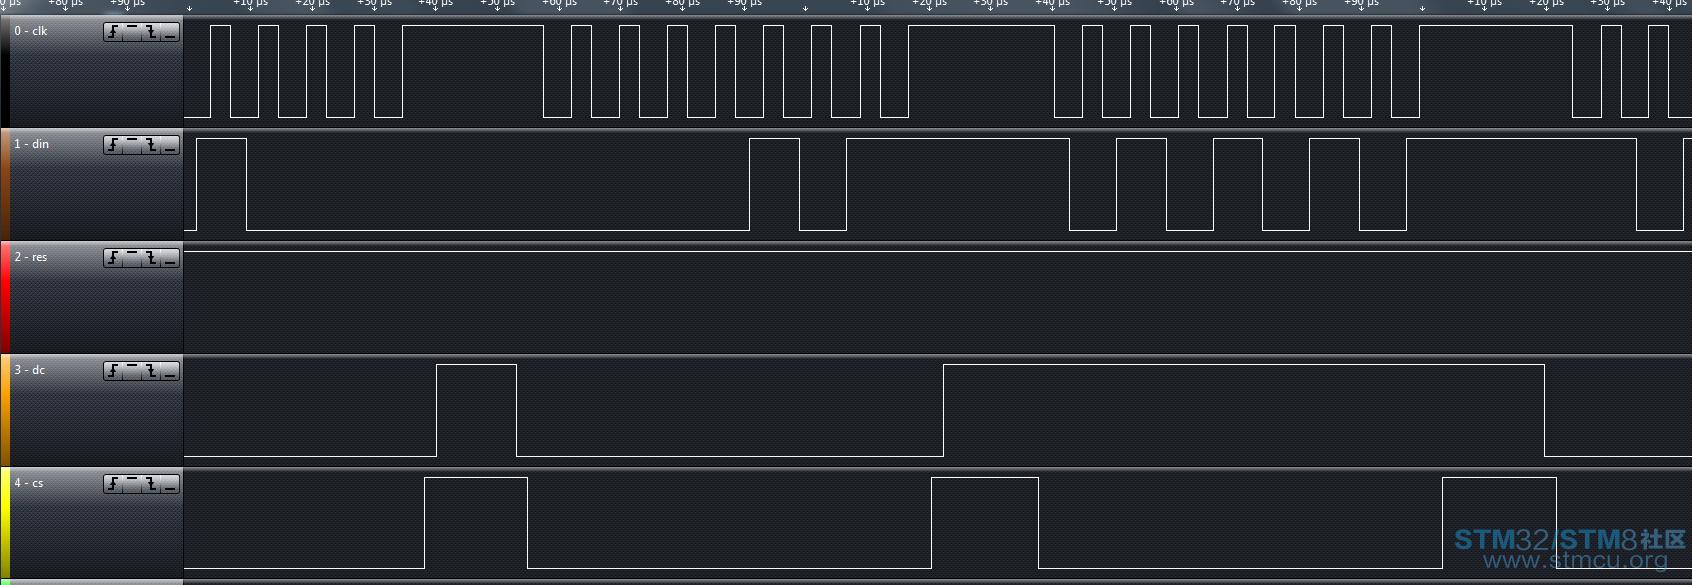 显示器时序是什么_显示器时序是什么意思_显示器时序是什么